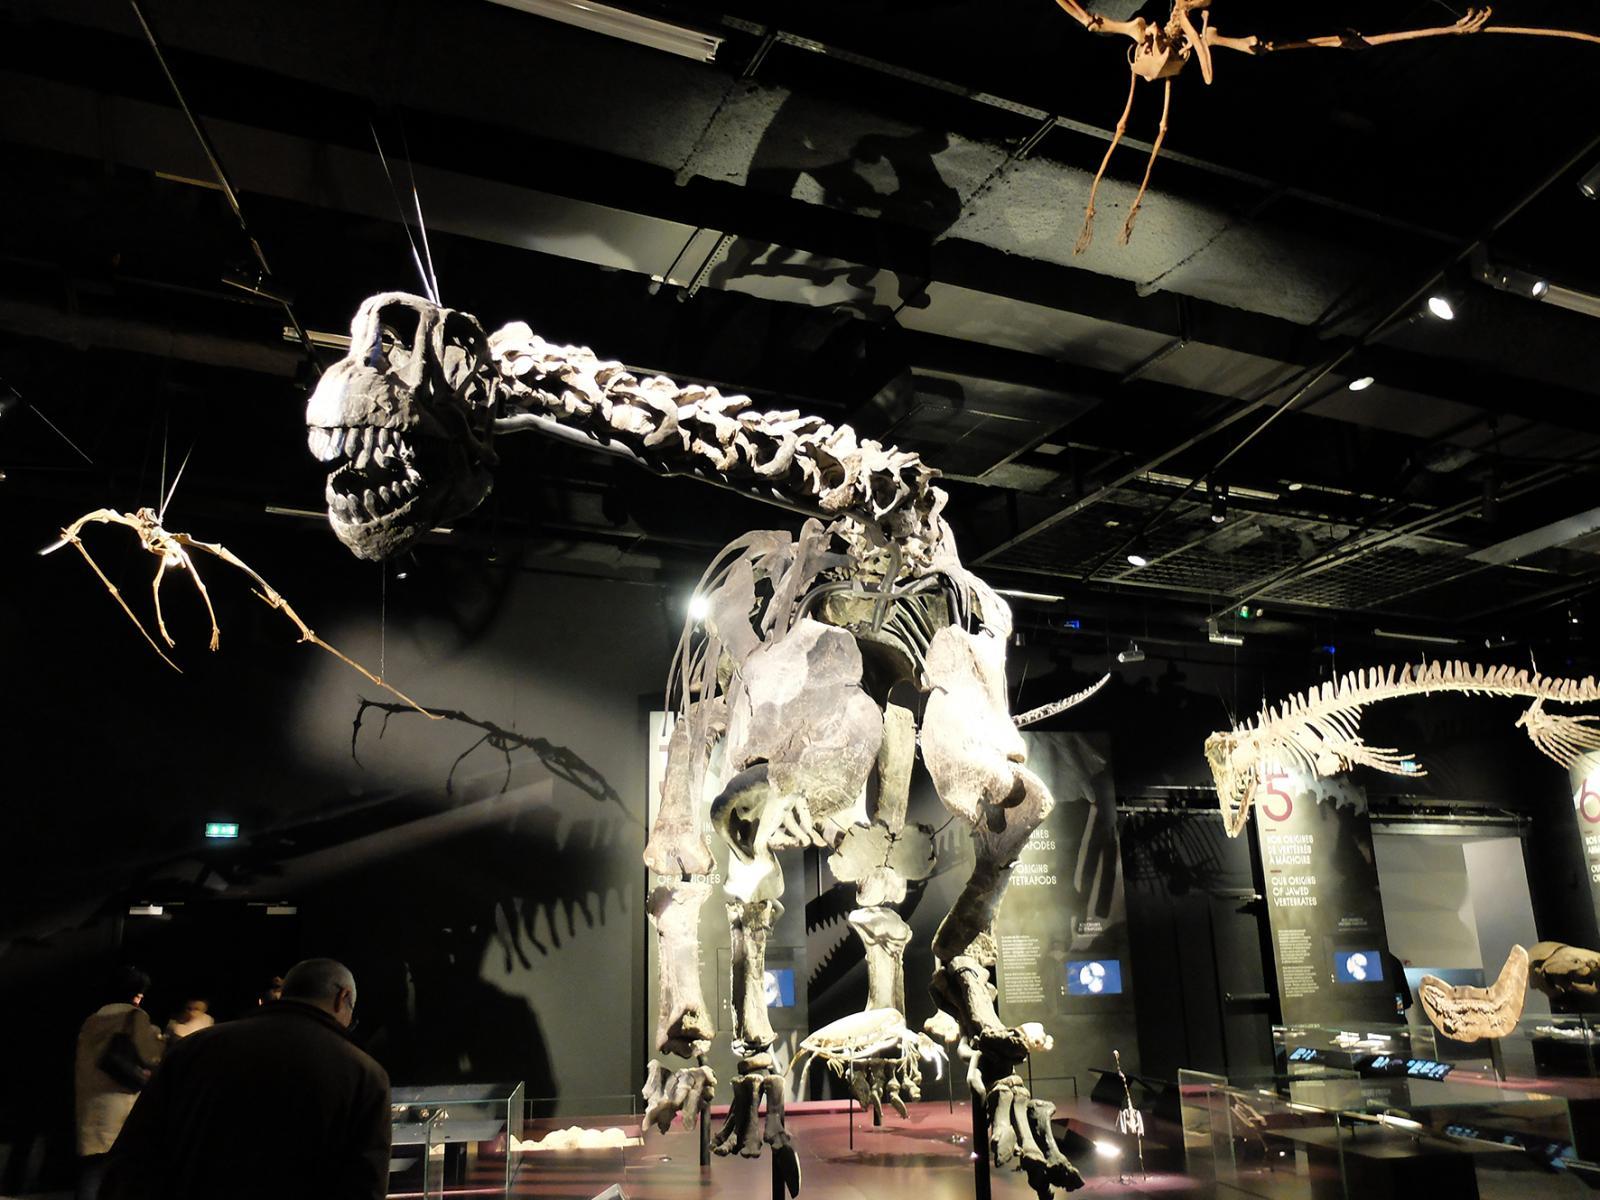 Prise de vue de l'intérieur du Musée des Confluences à Lyon